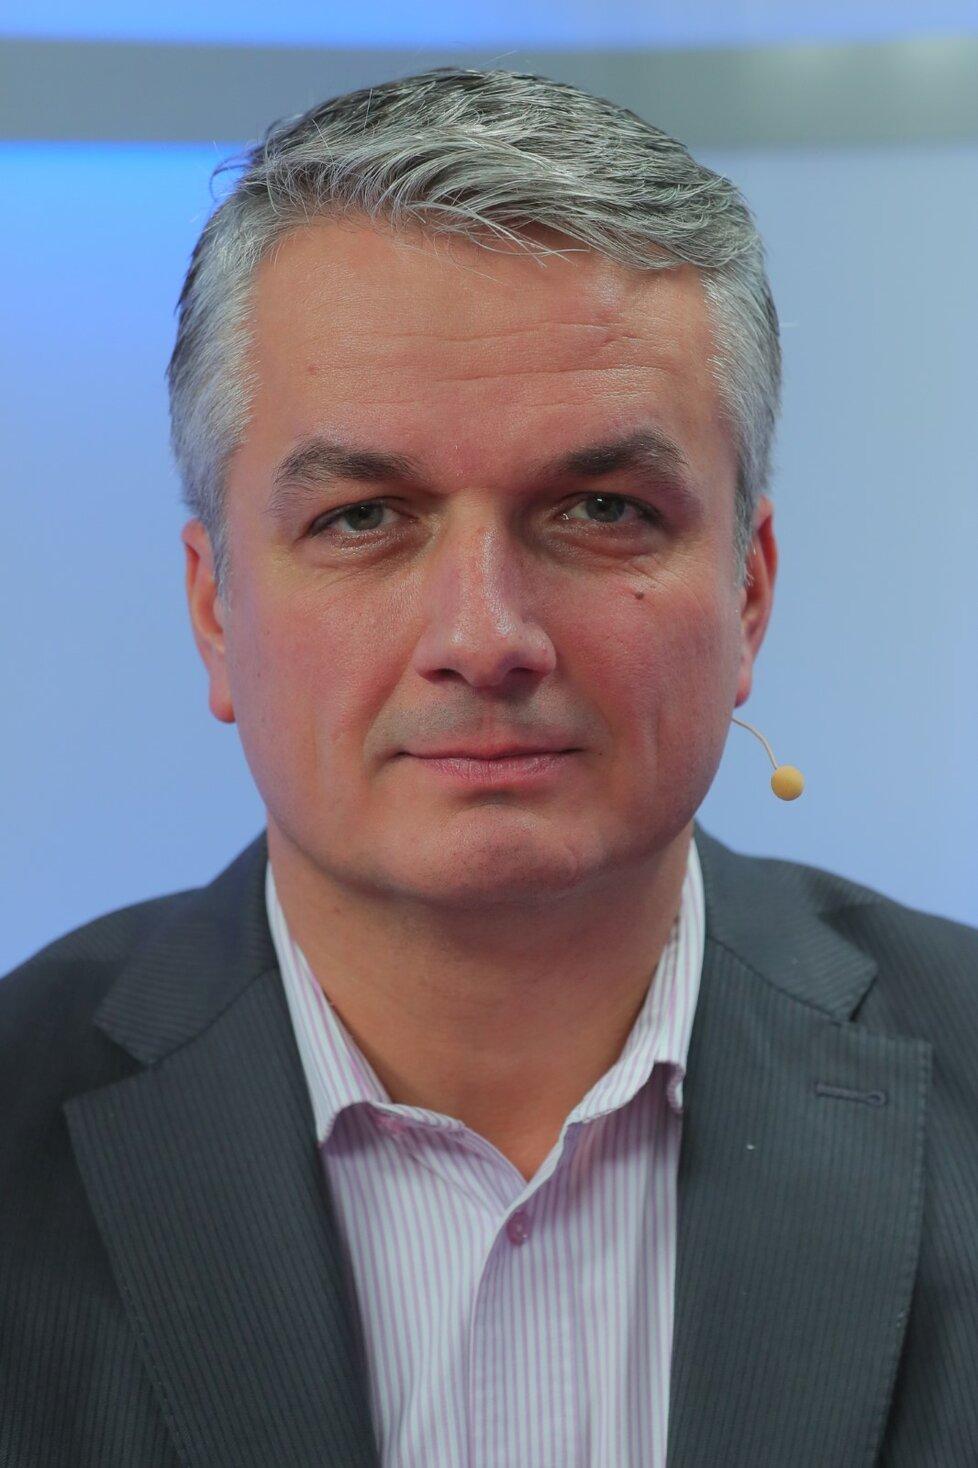 Ředitel pošty Roman Knap ve studiu Blesku